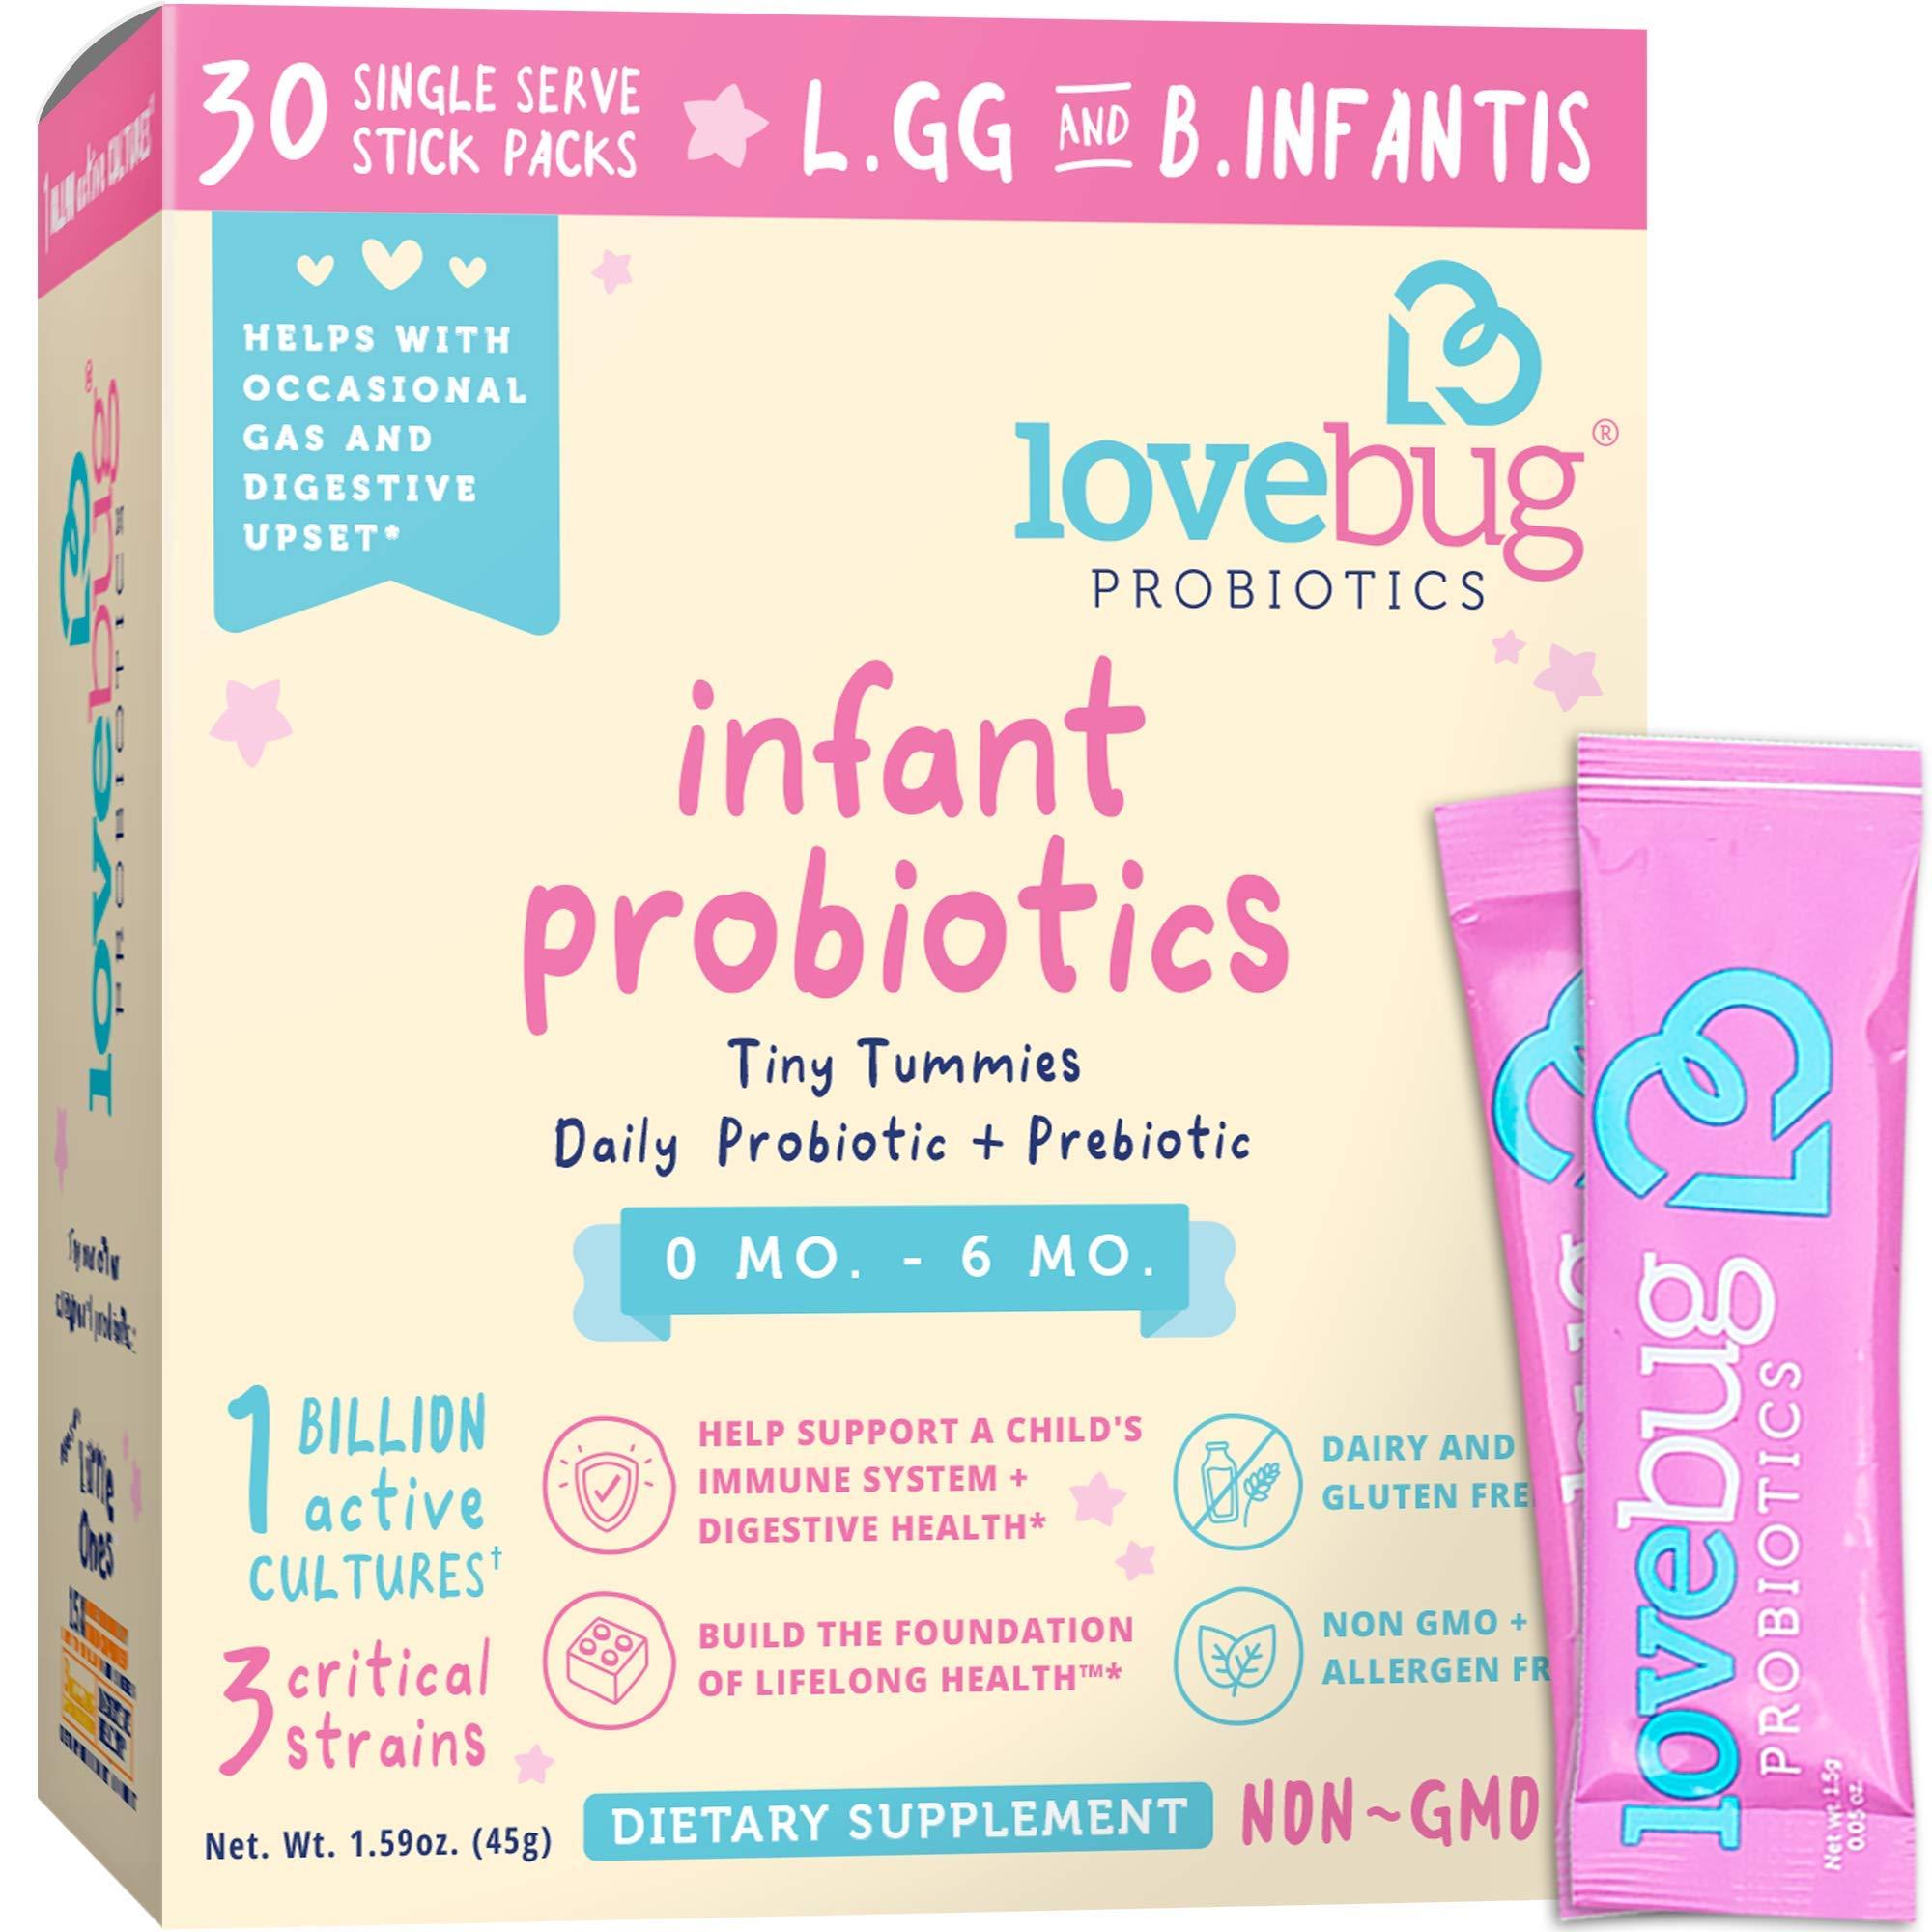 Lovebug Probiotic probiotics Intestinal Digestive